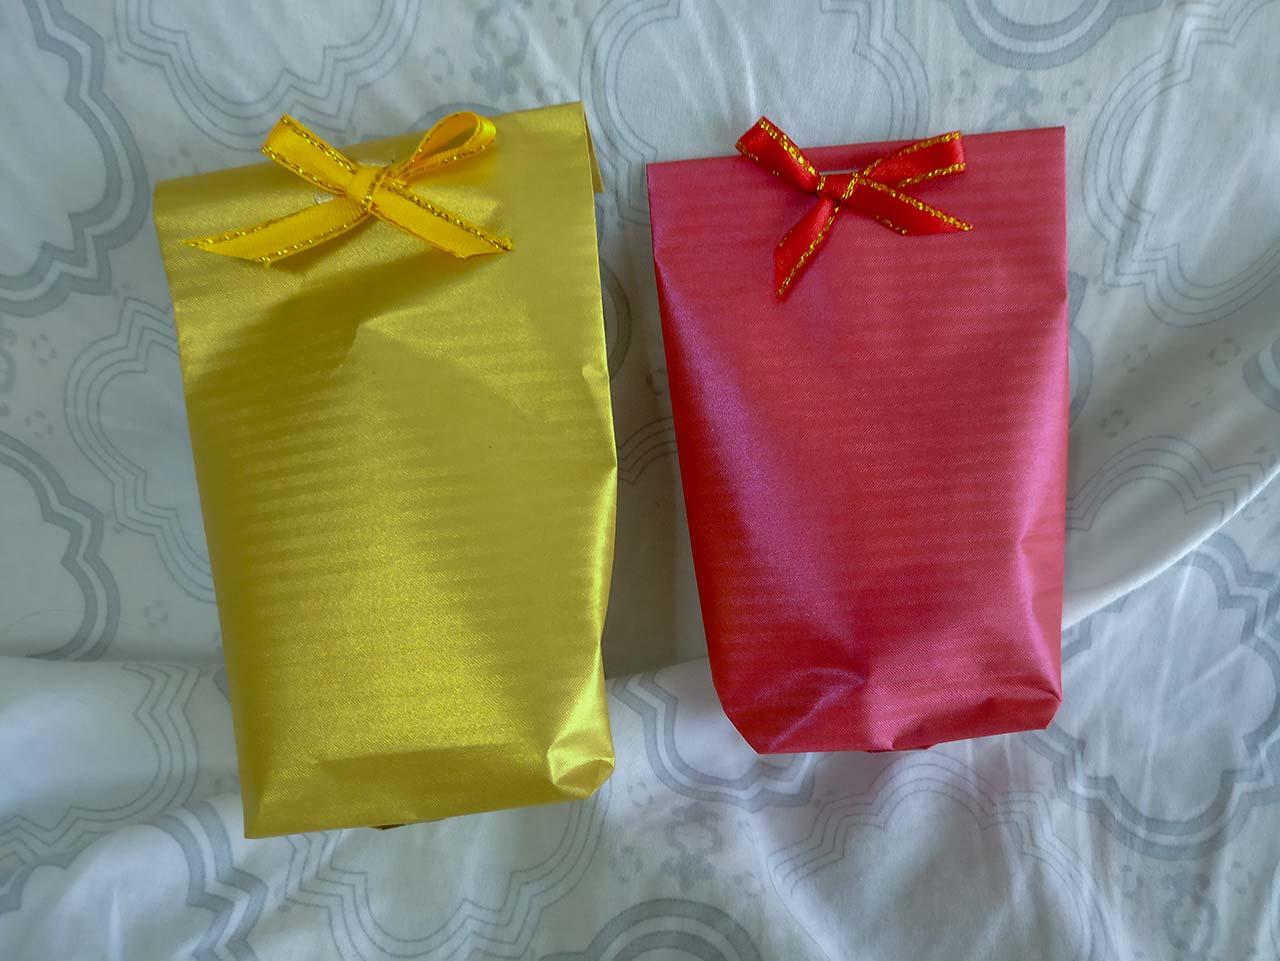 Geschenke zu Weihnachten vom Phuket Hospital